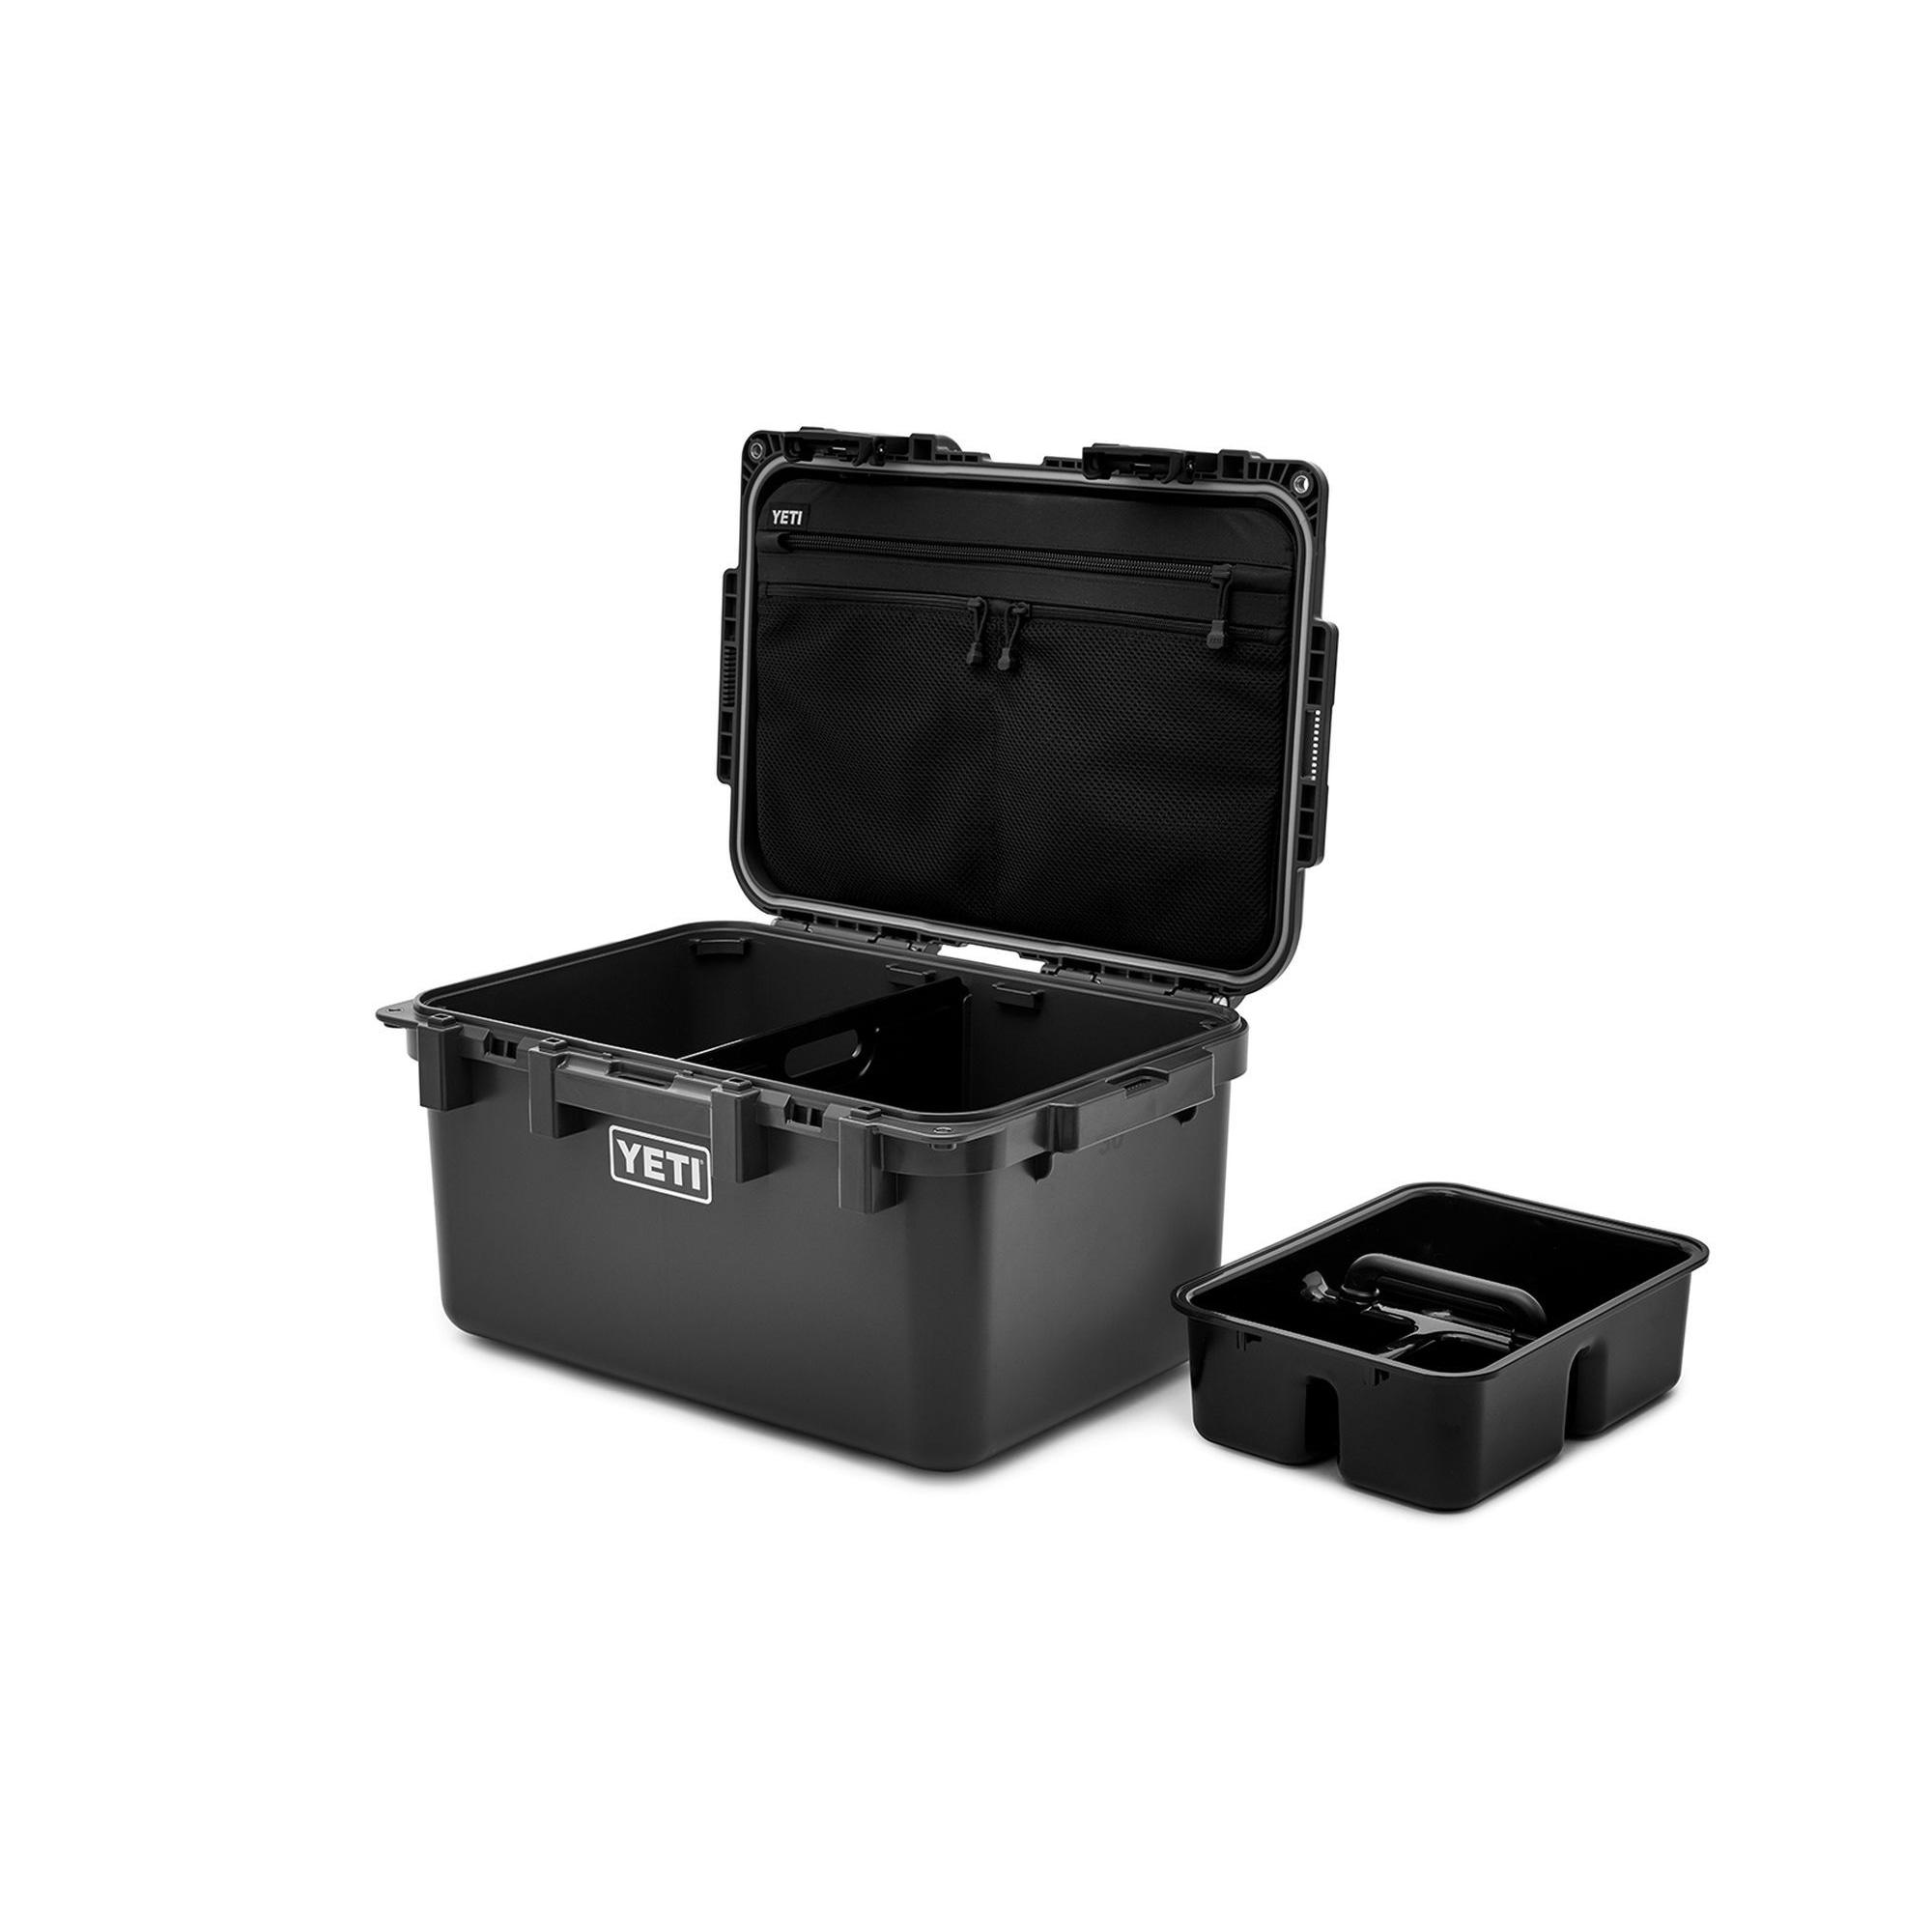 LoadOut GoBox 30 Charcoal